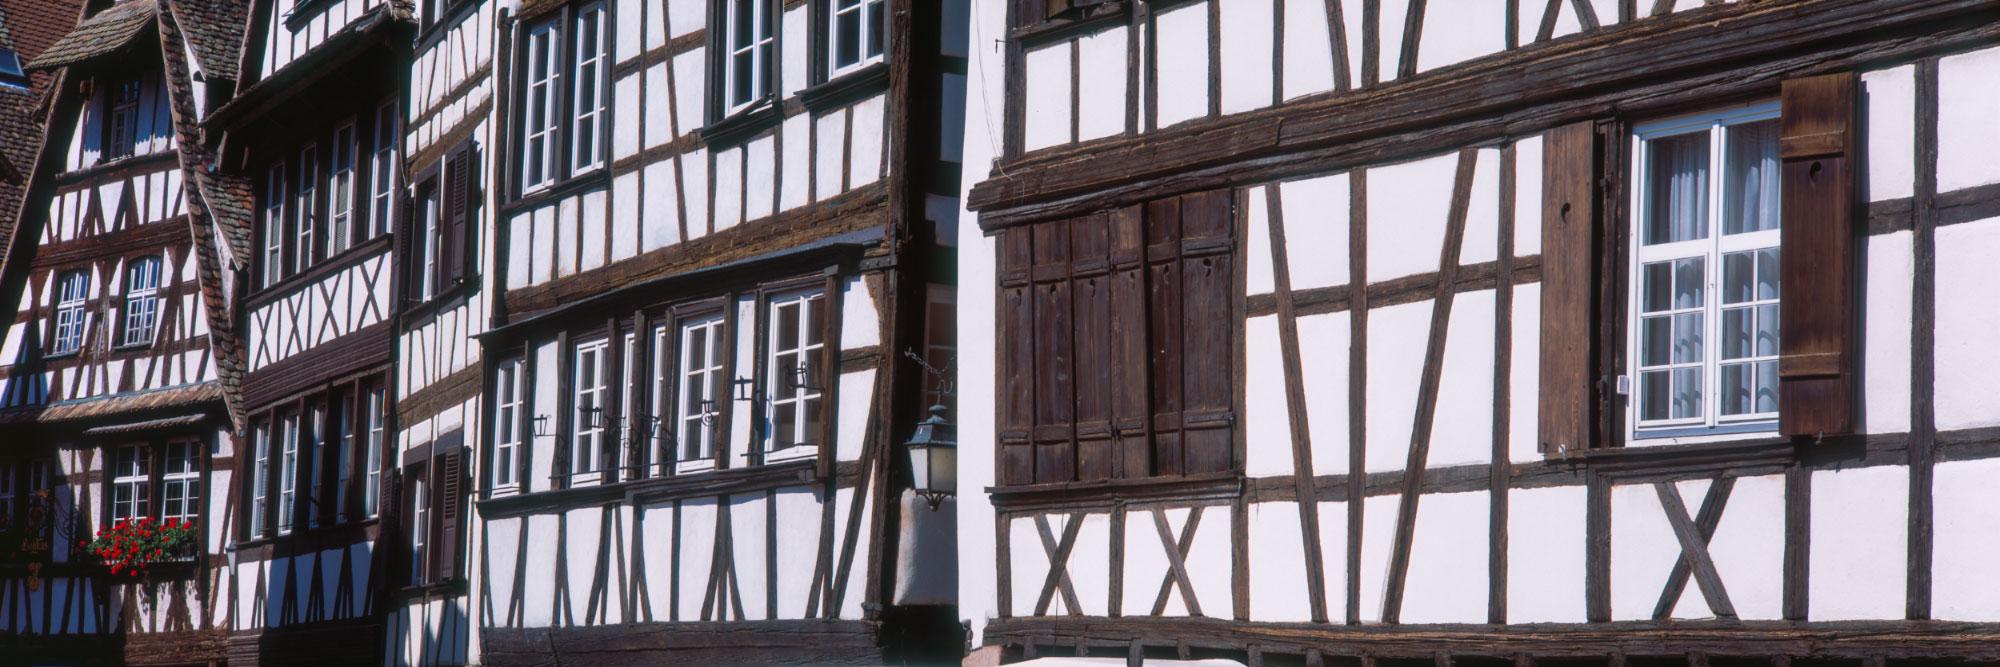 Maisons à colombages, centre de Strasbourg